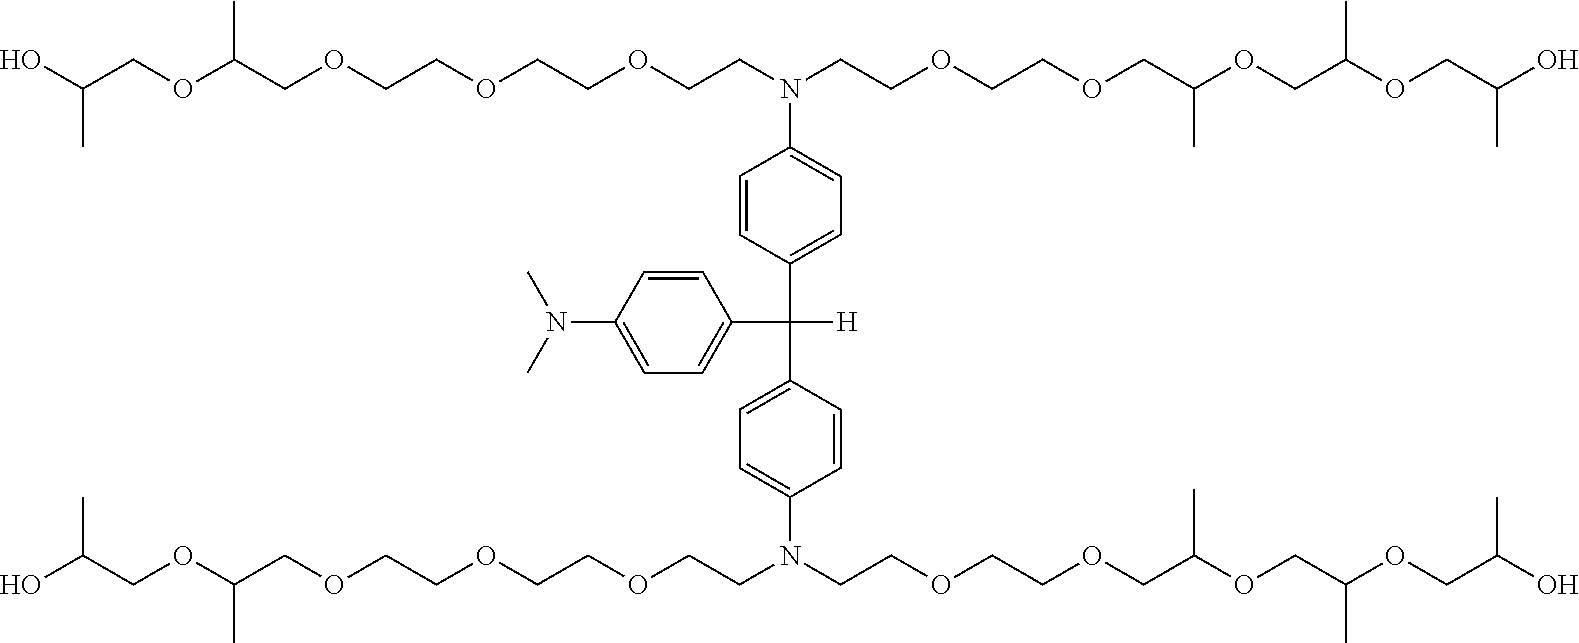 Figure US09982221-20180529-C00040